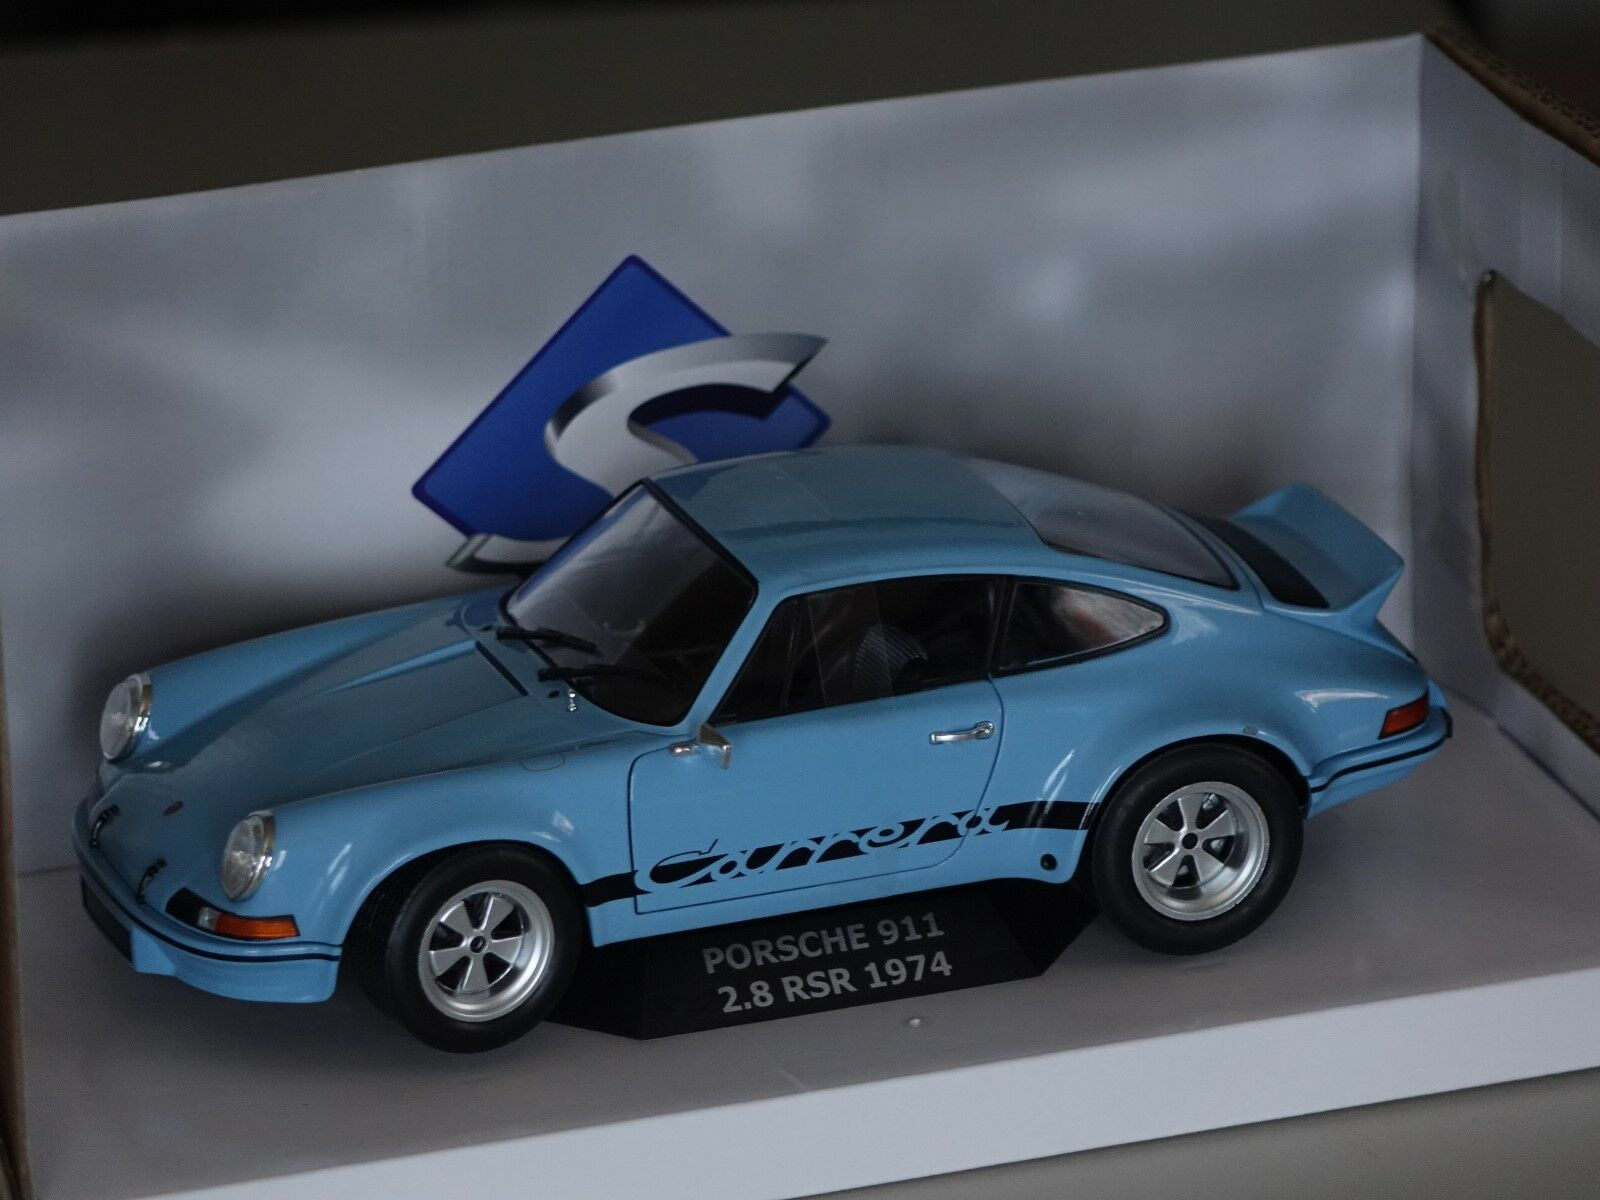 PORSCHE 911 RSR 2,8 1974 bleu 1 18 Solido 118409 NEUF  neuf dans sa boîte